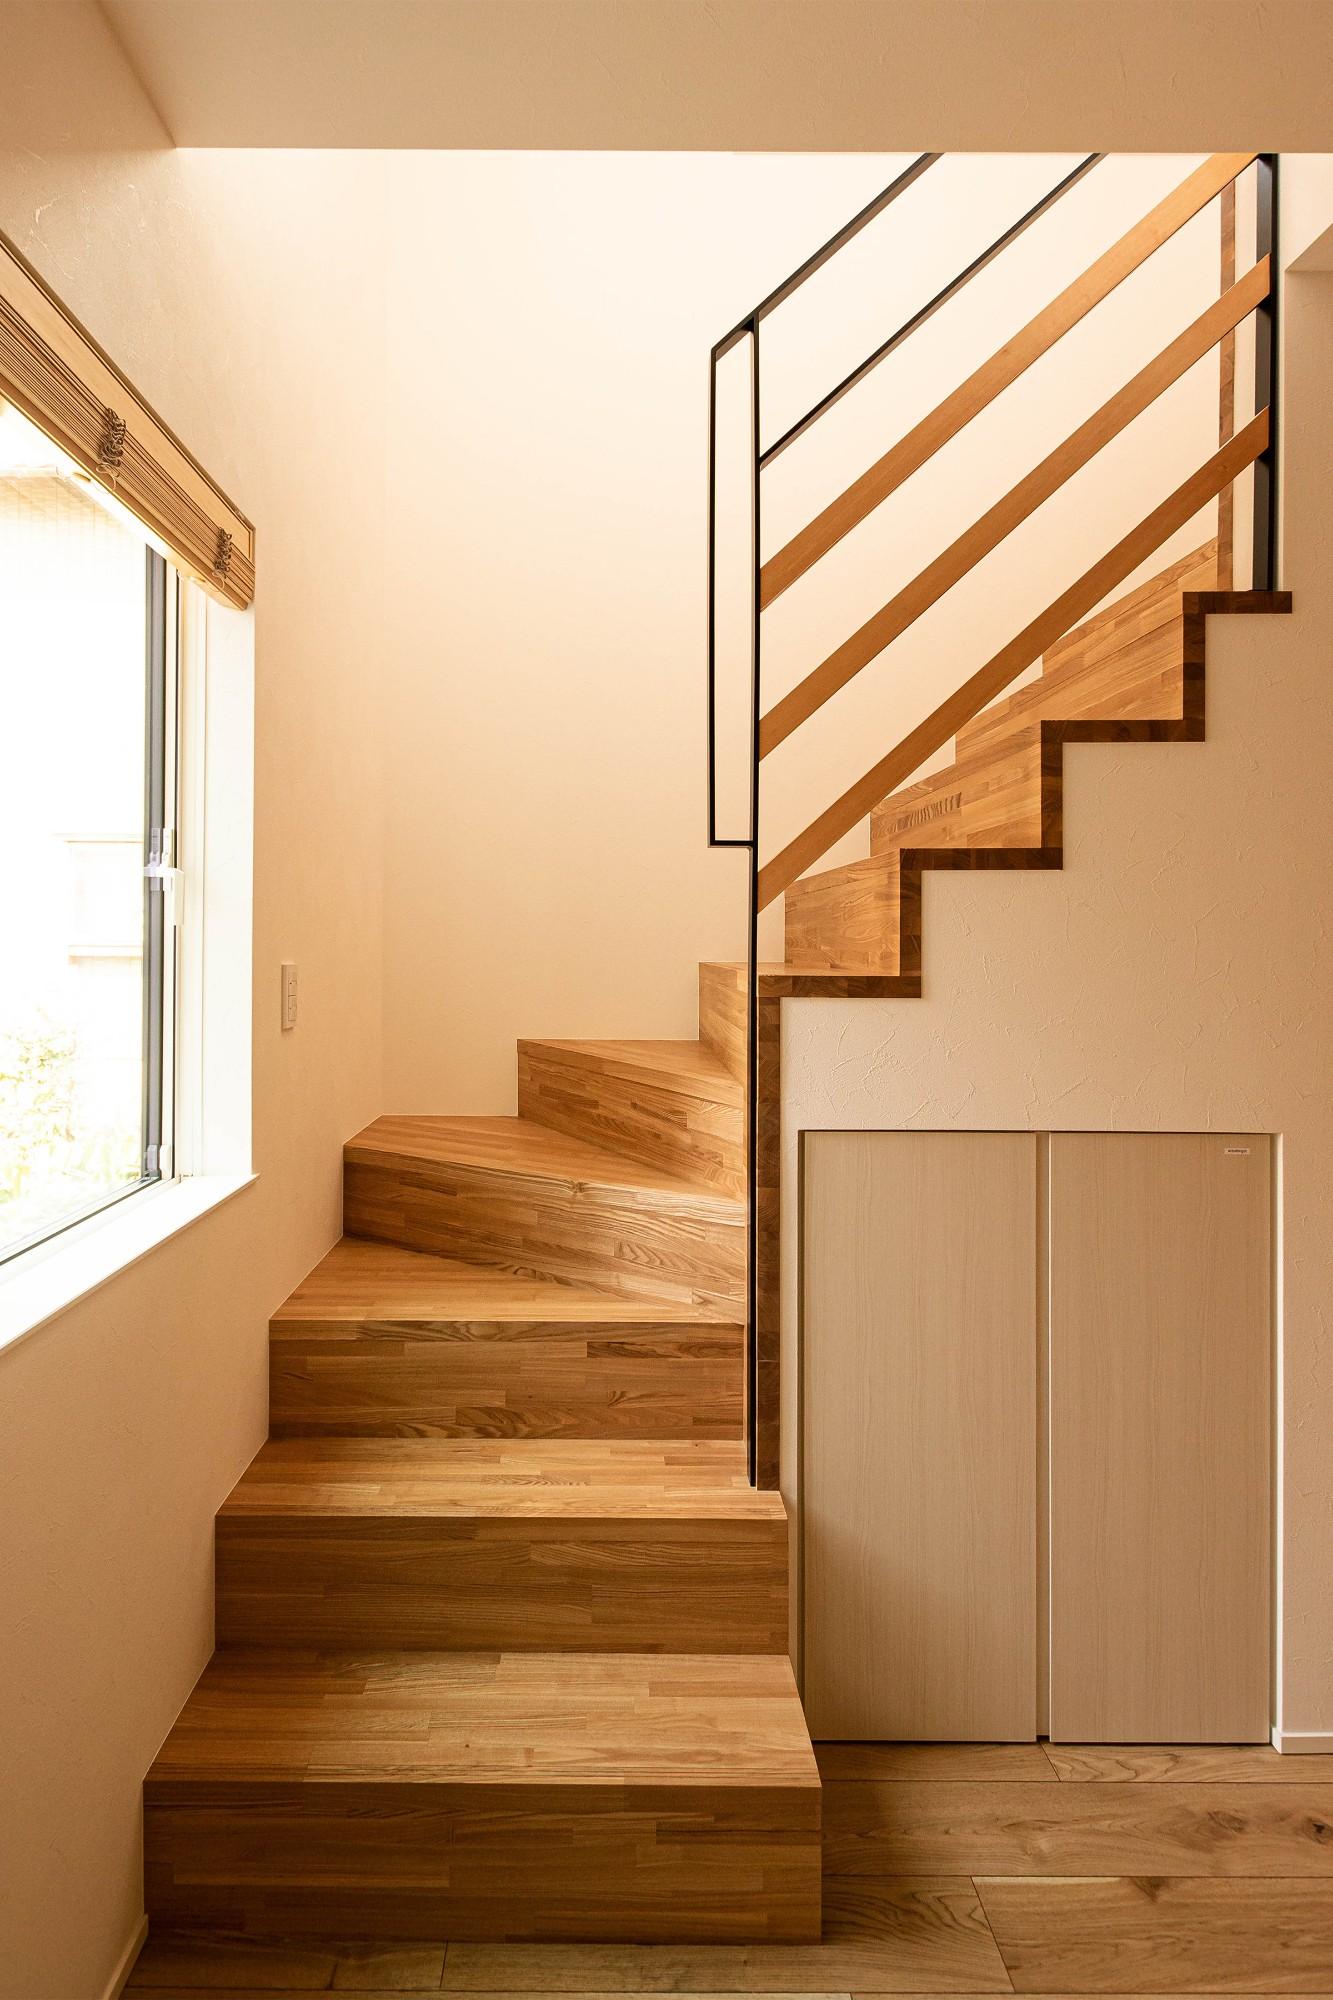 DETAIL HOME(ディテールホーム)「素材でつながる2世帯住宅」のシンプル・ナチュラルな階段の実例写真